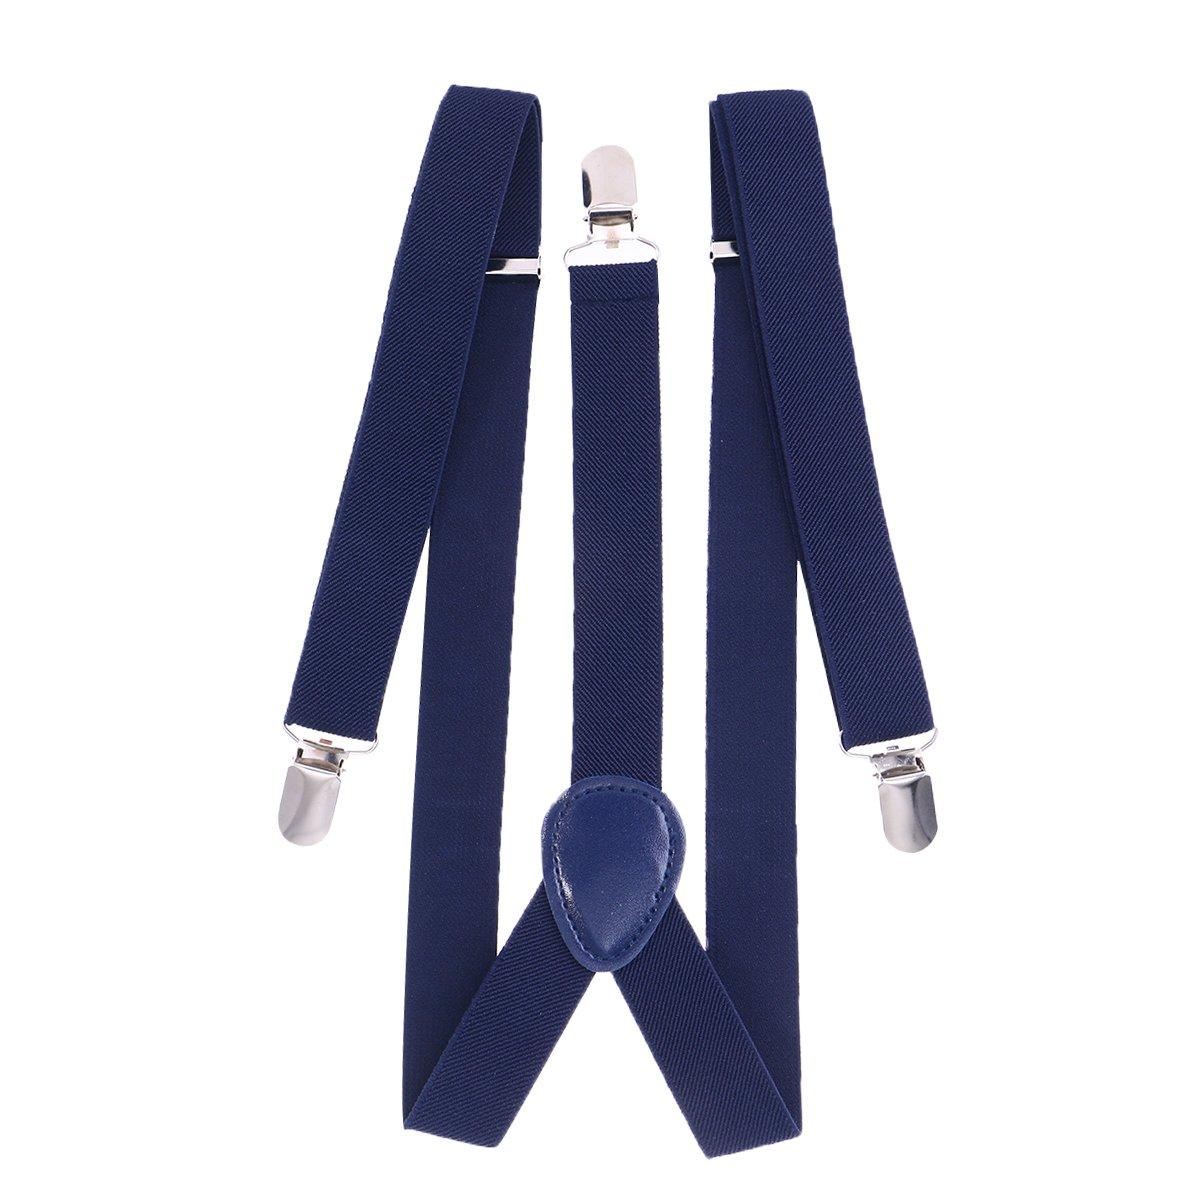 Azul Marino LUOEM Tirantes S/ólido en Forma de Y con 3 Clips Accesorio de Ropa Unisex 2.5 x 80cm